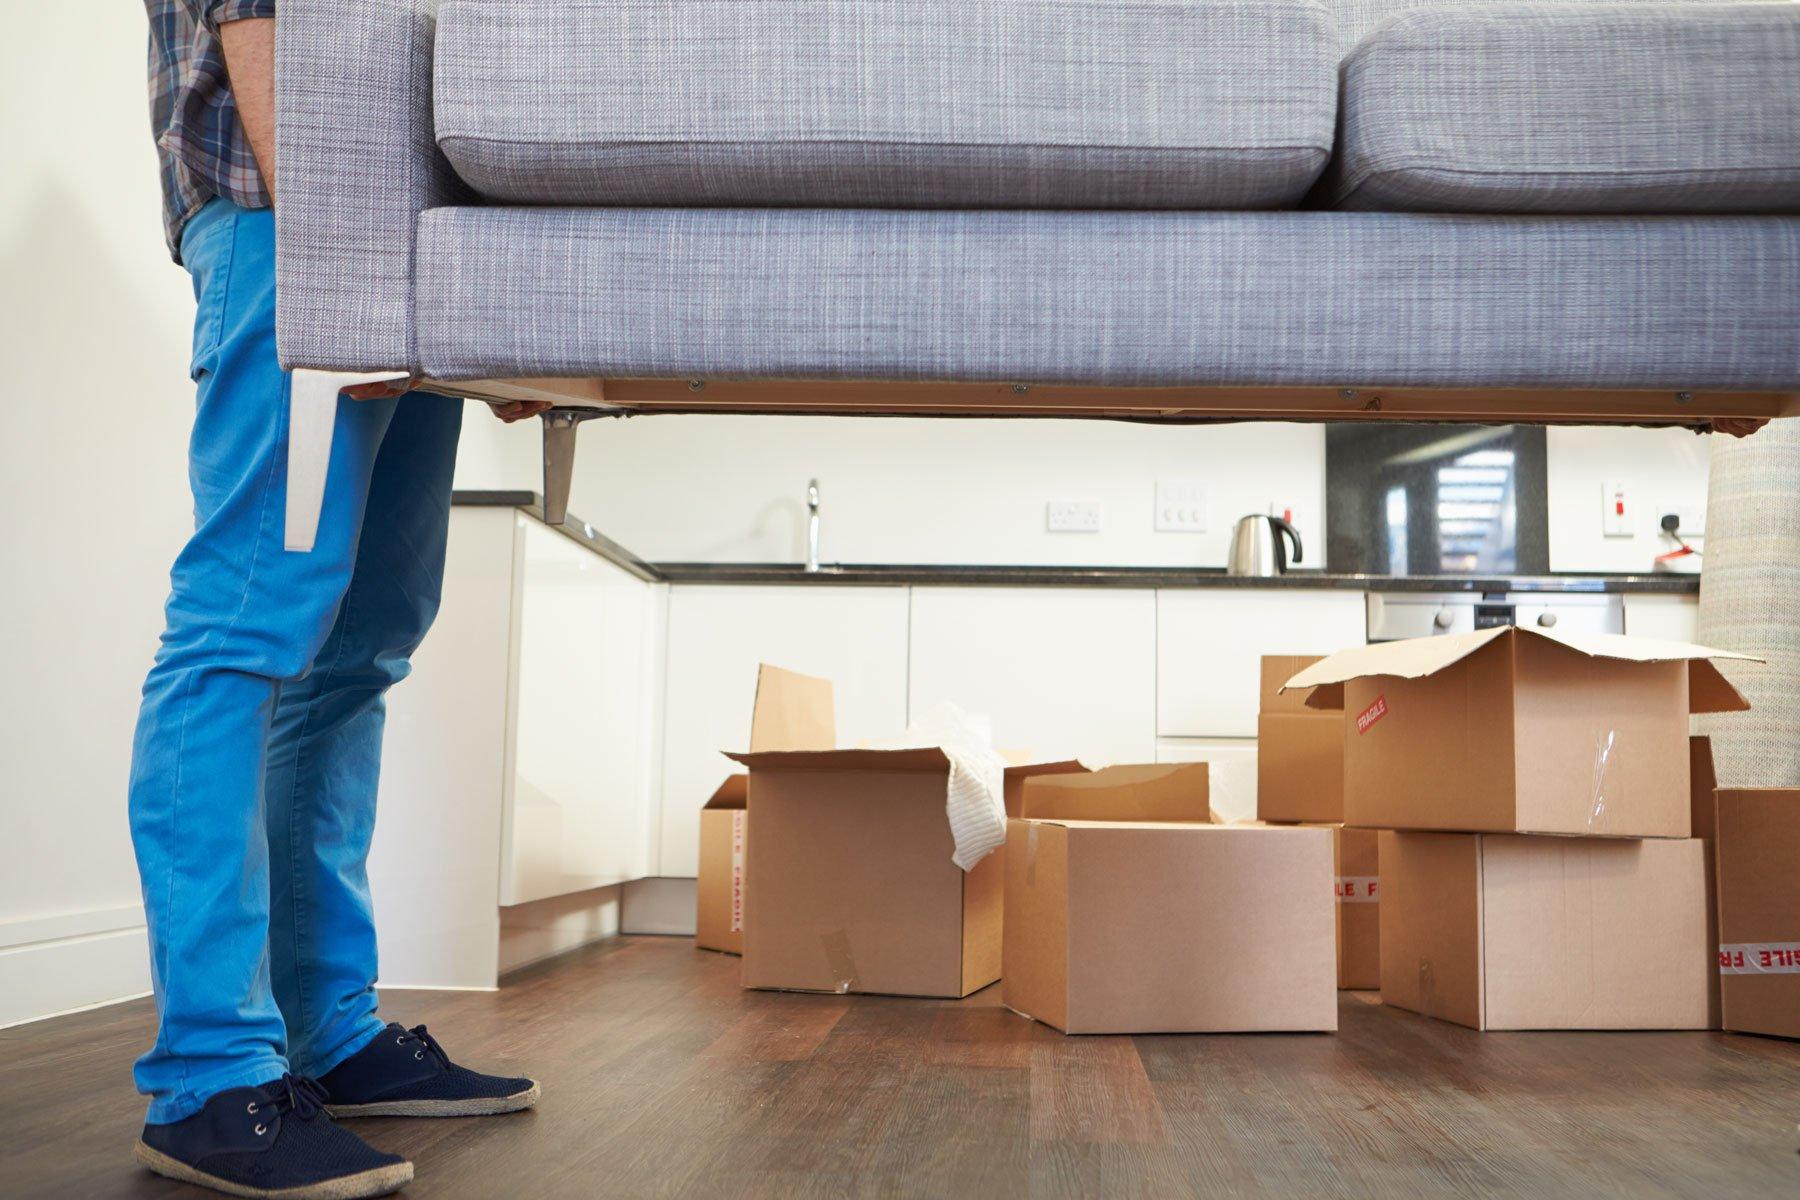 un uomo mentre solleva un divano e dietro degli scatoloni